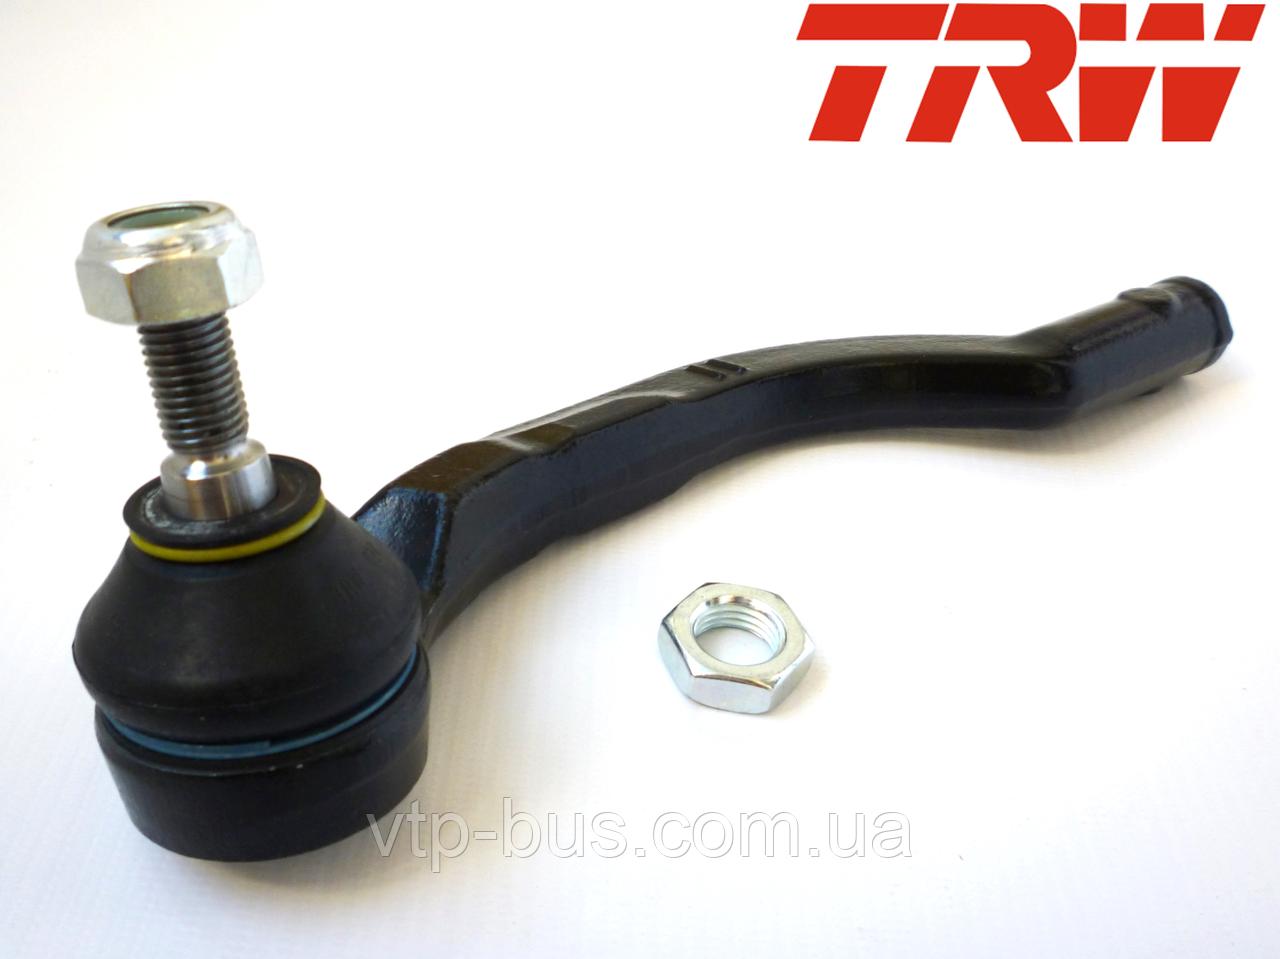 Наконечник рулевой тяги, левый на Renault Trafic / Opel Vivaro (2001-2014) TRW (Германия) JTE986